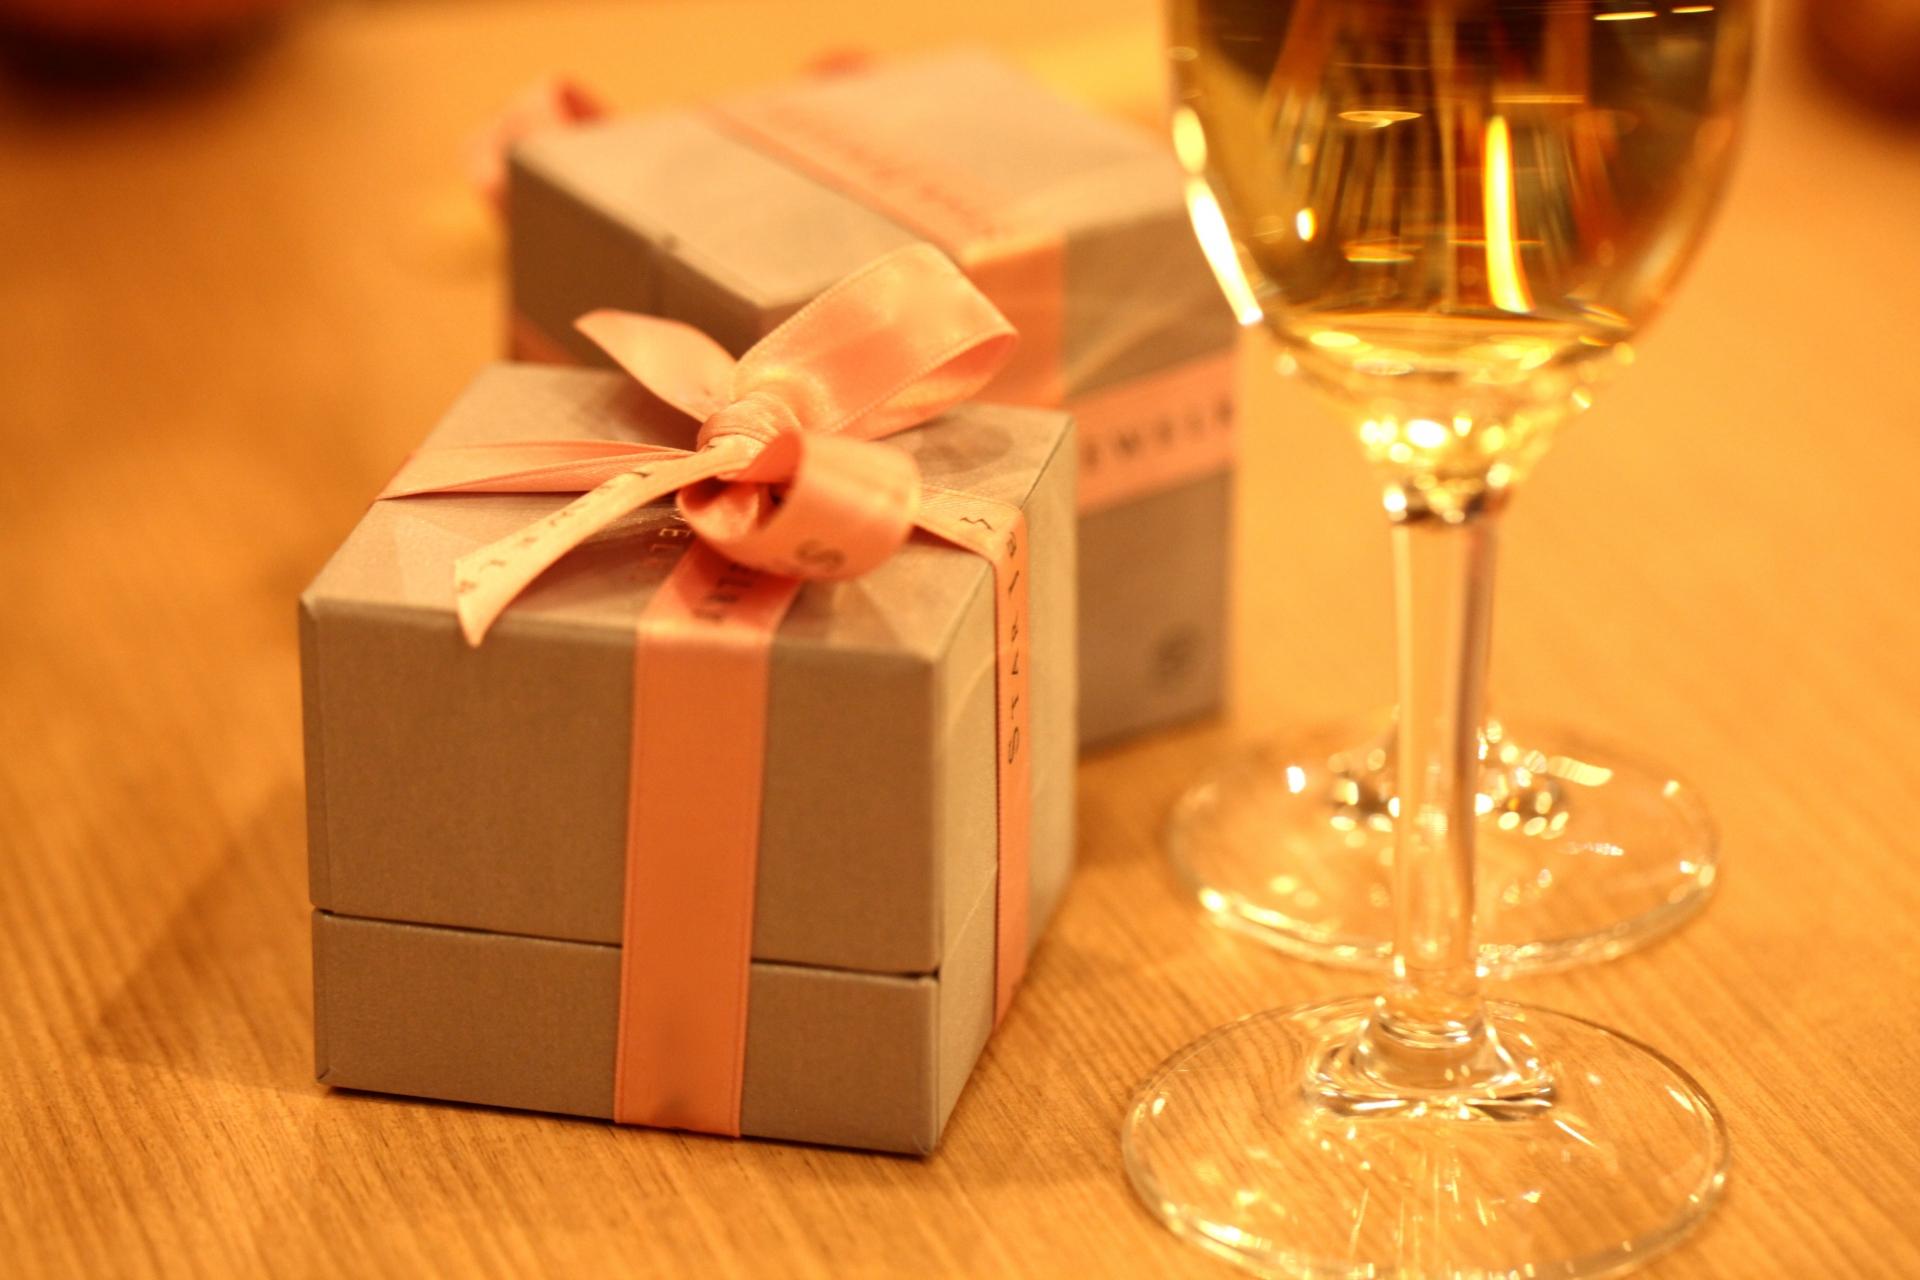 【2019 クリスマス】付き合う前におすすめなクリスマスプレゼント